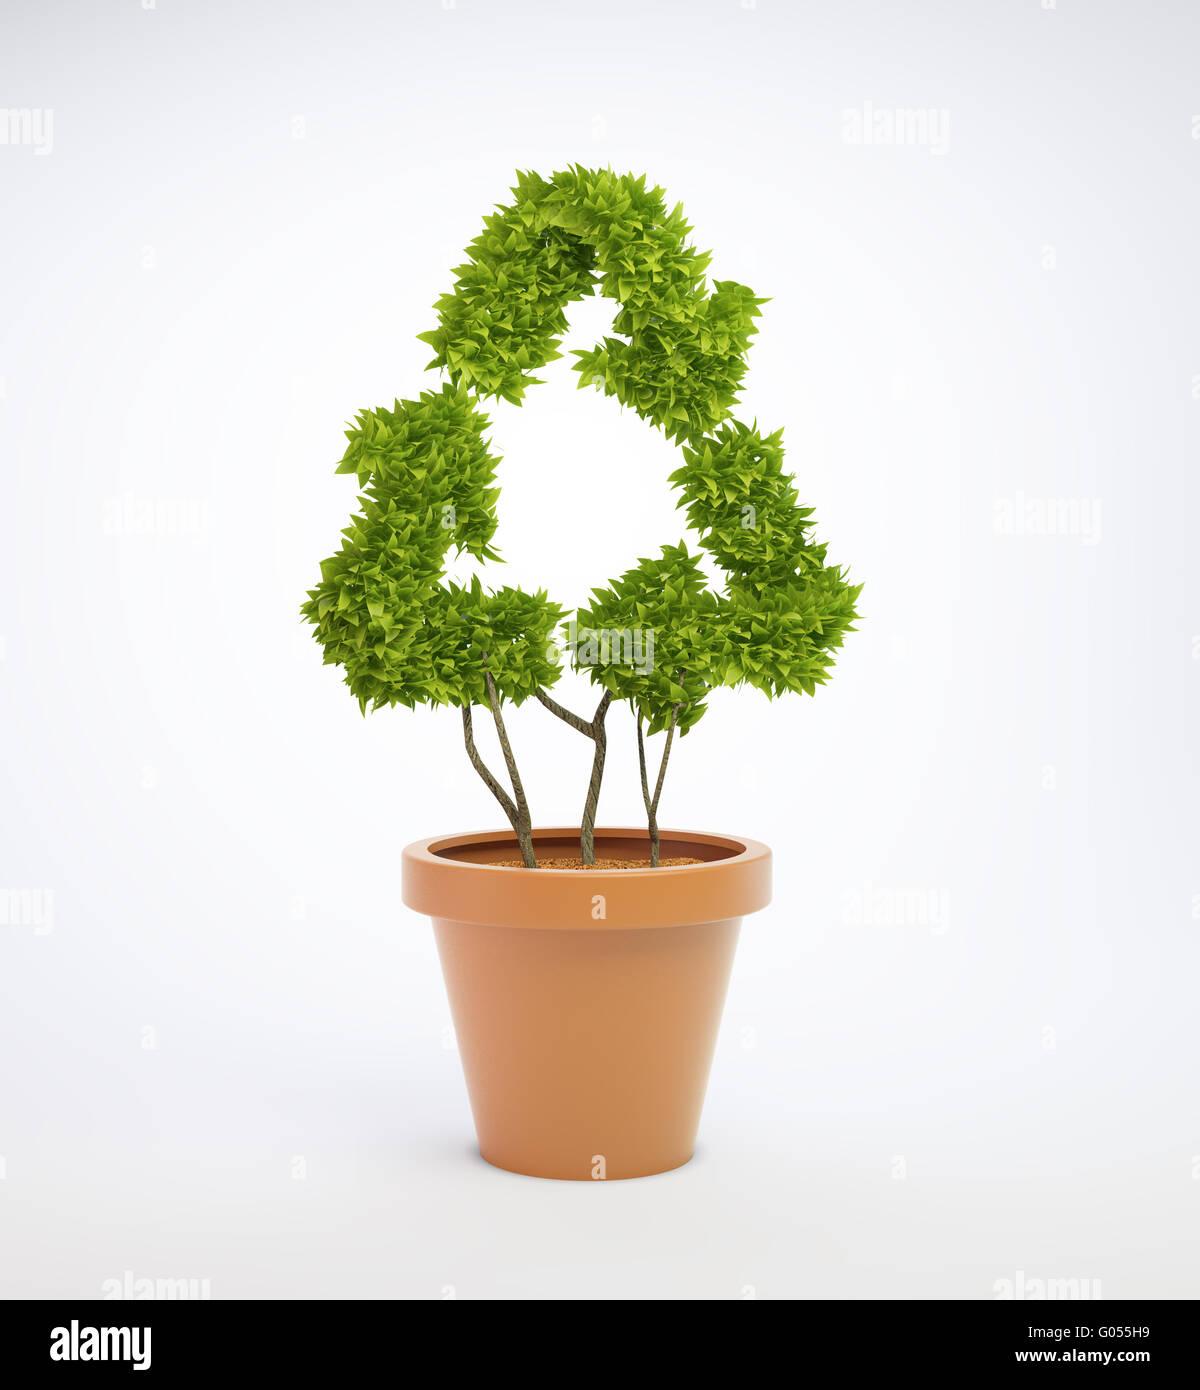 Pflanzen Sie in einem Topf, geformt wie ein recycling-symbol Stockbild